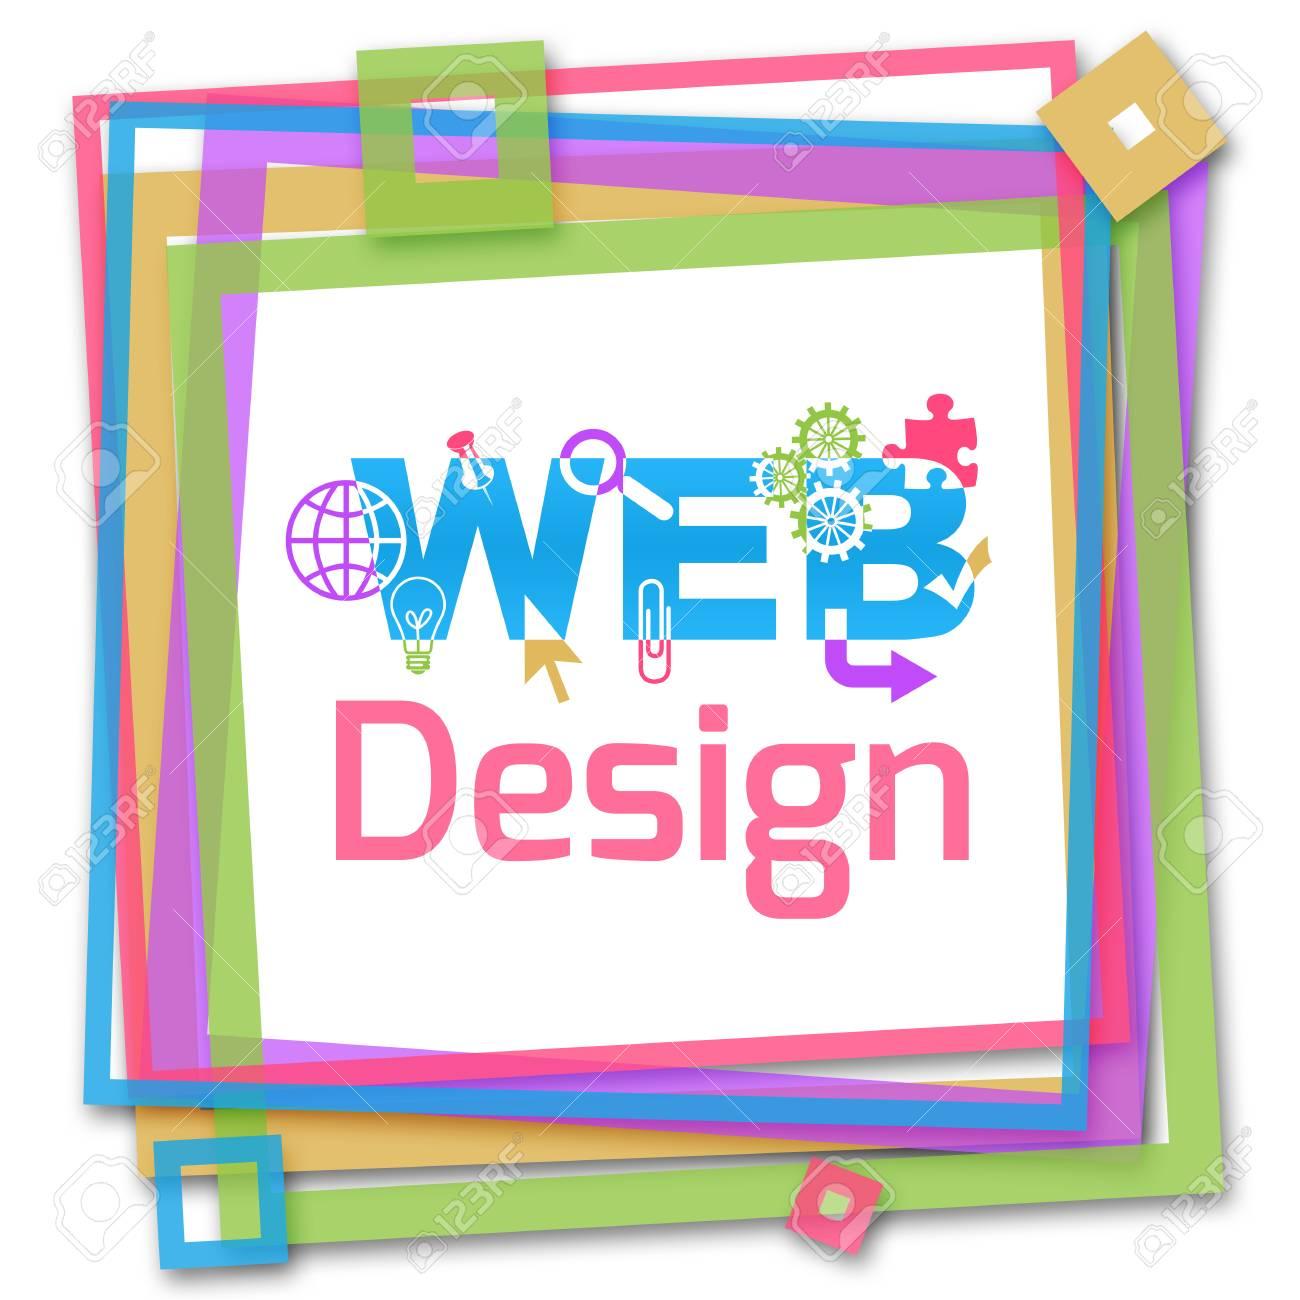 Diseño Web Marco Colorido Fotos, Retratos, Imágenes Y Fotografía De ...